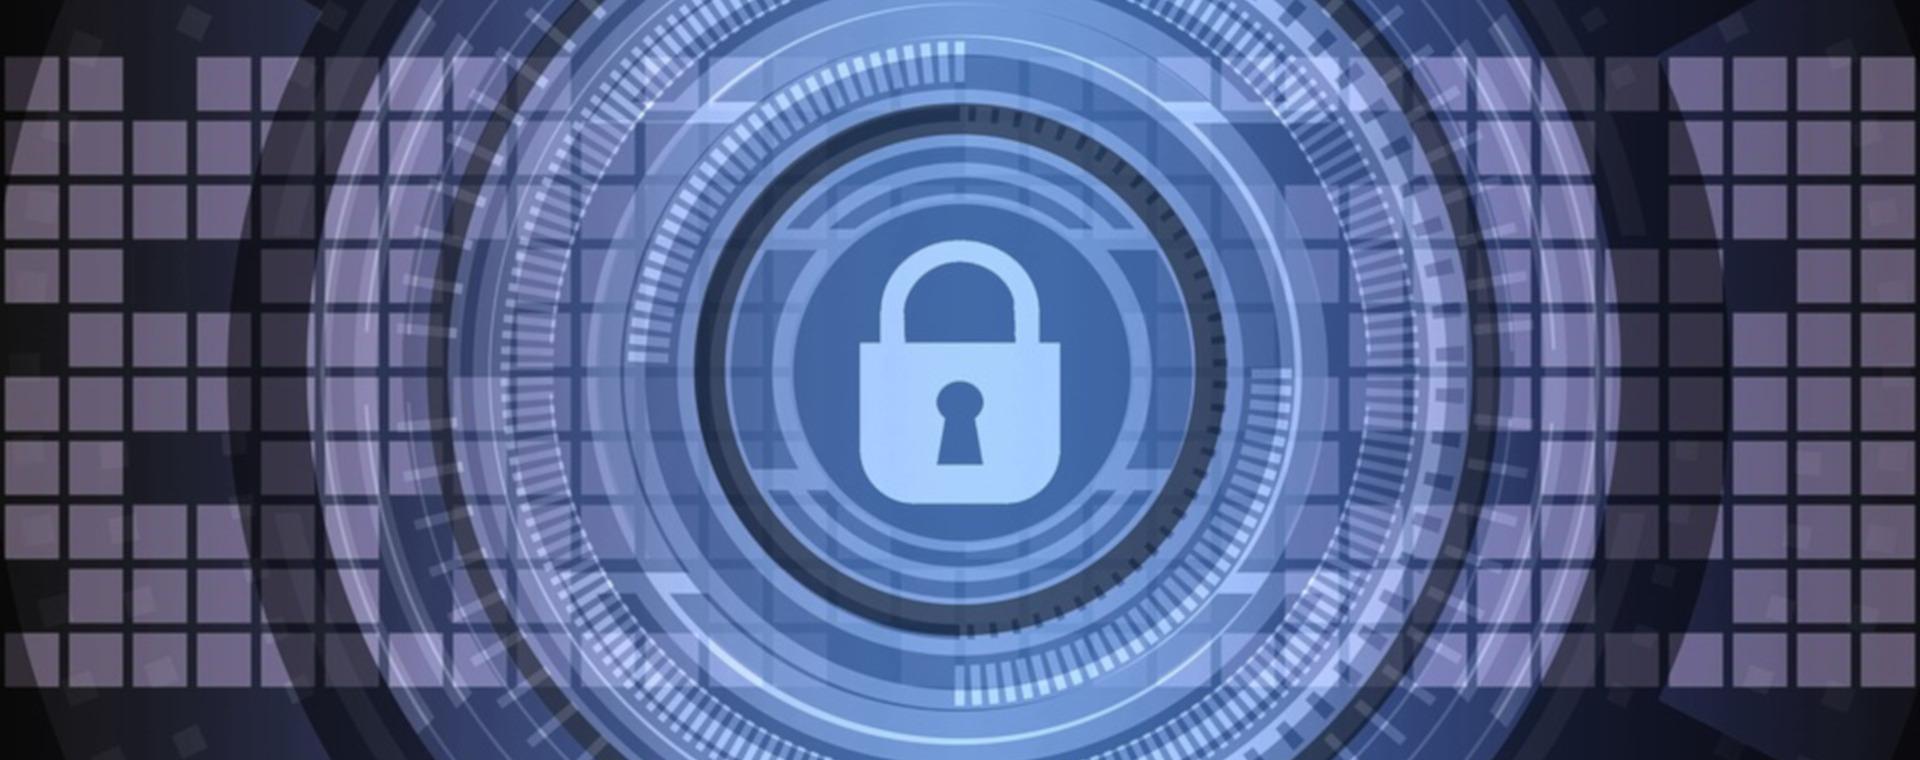 Come puoi rendere sicure le tue password?